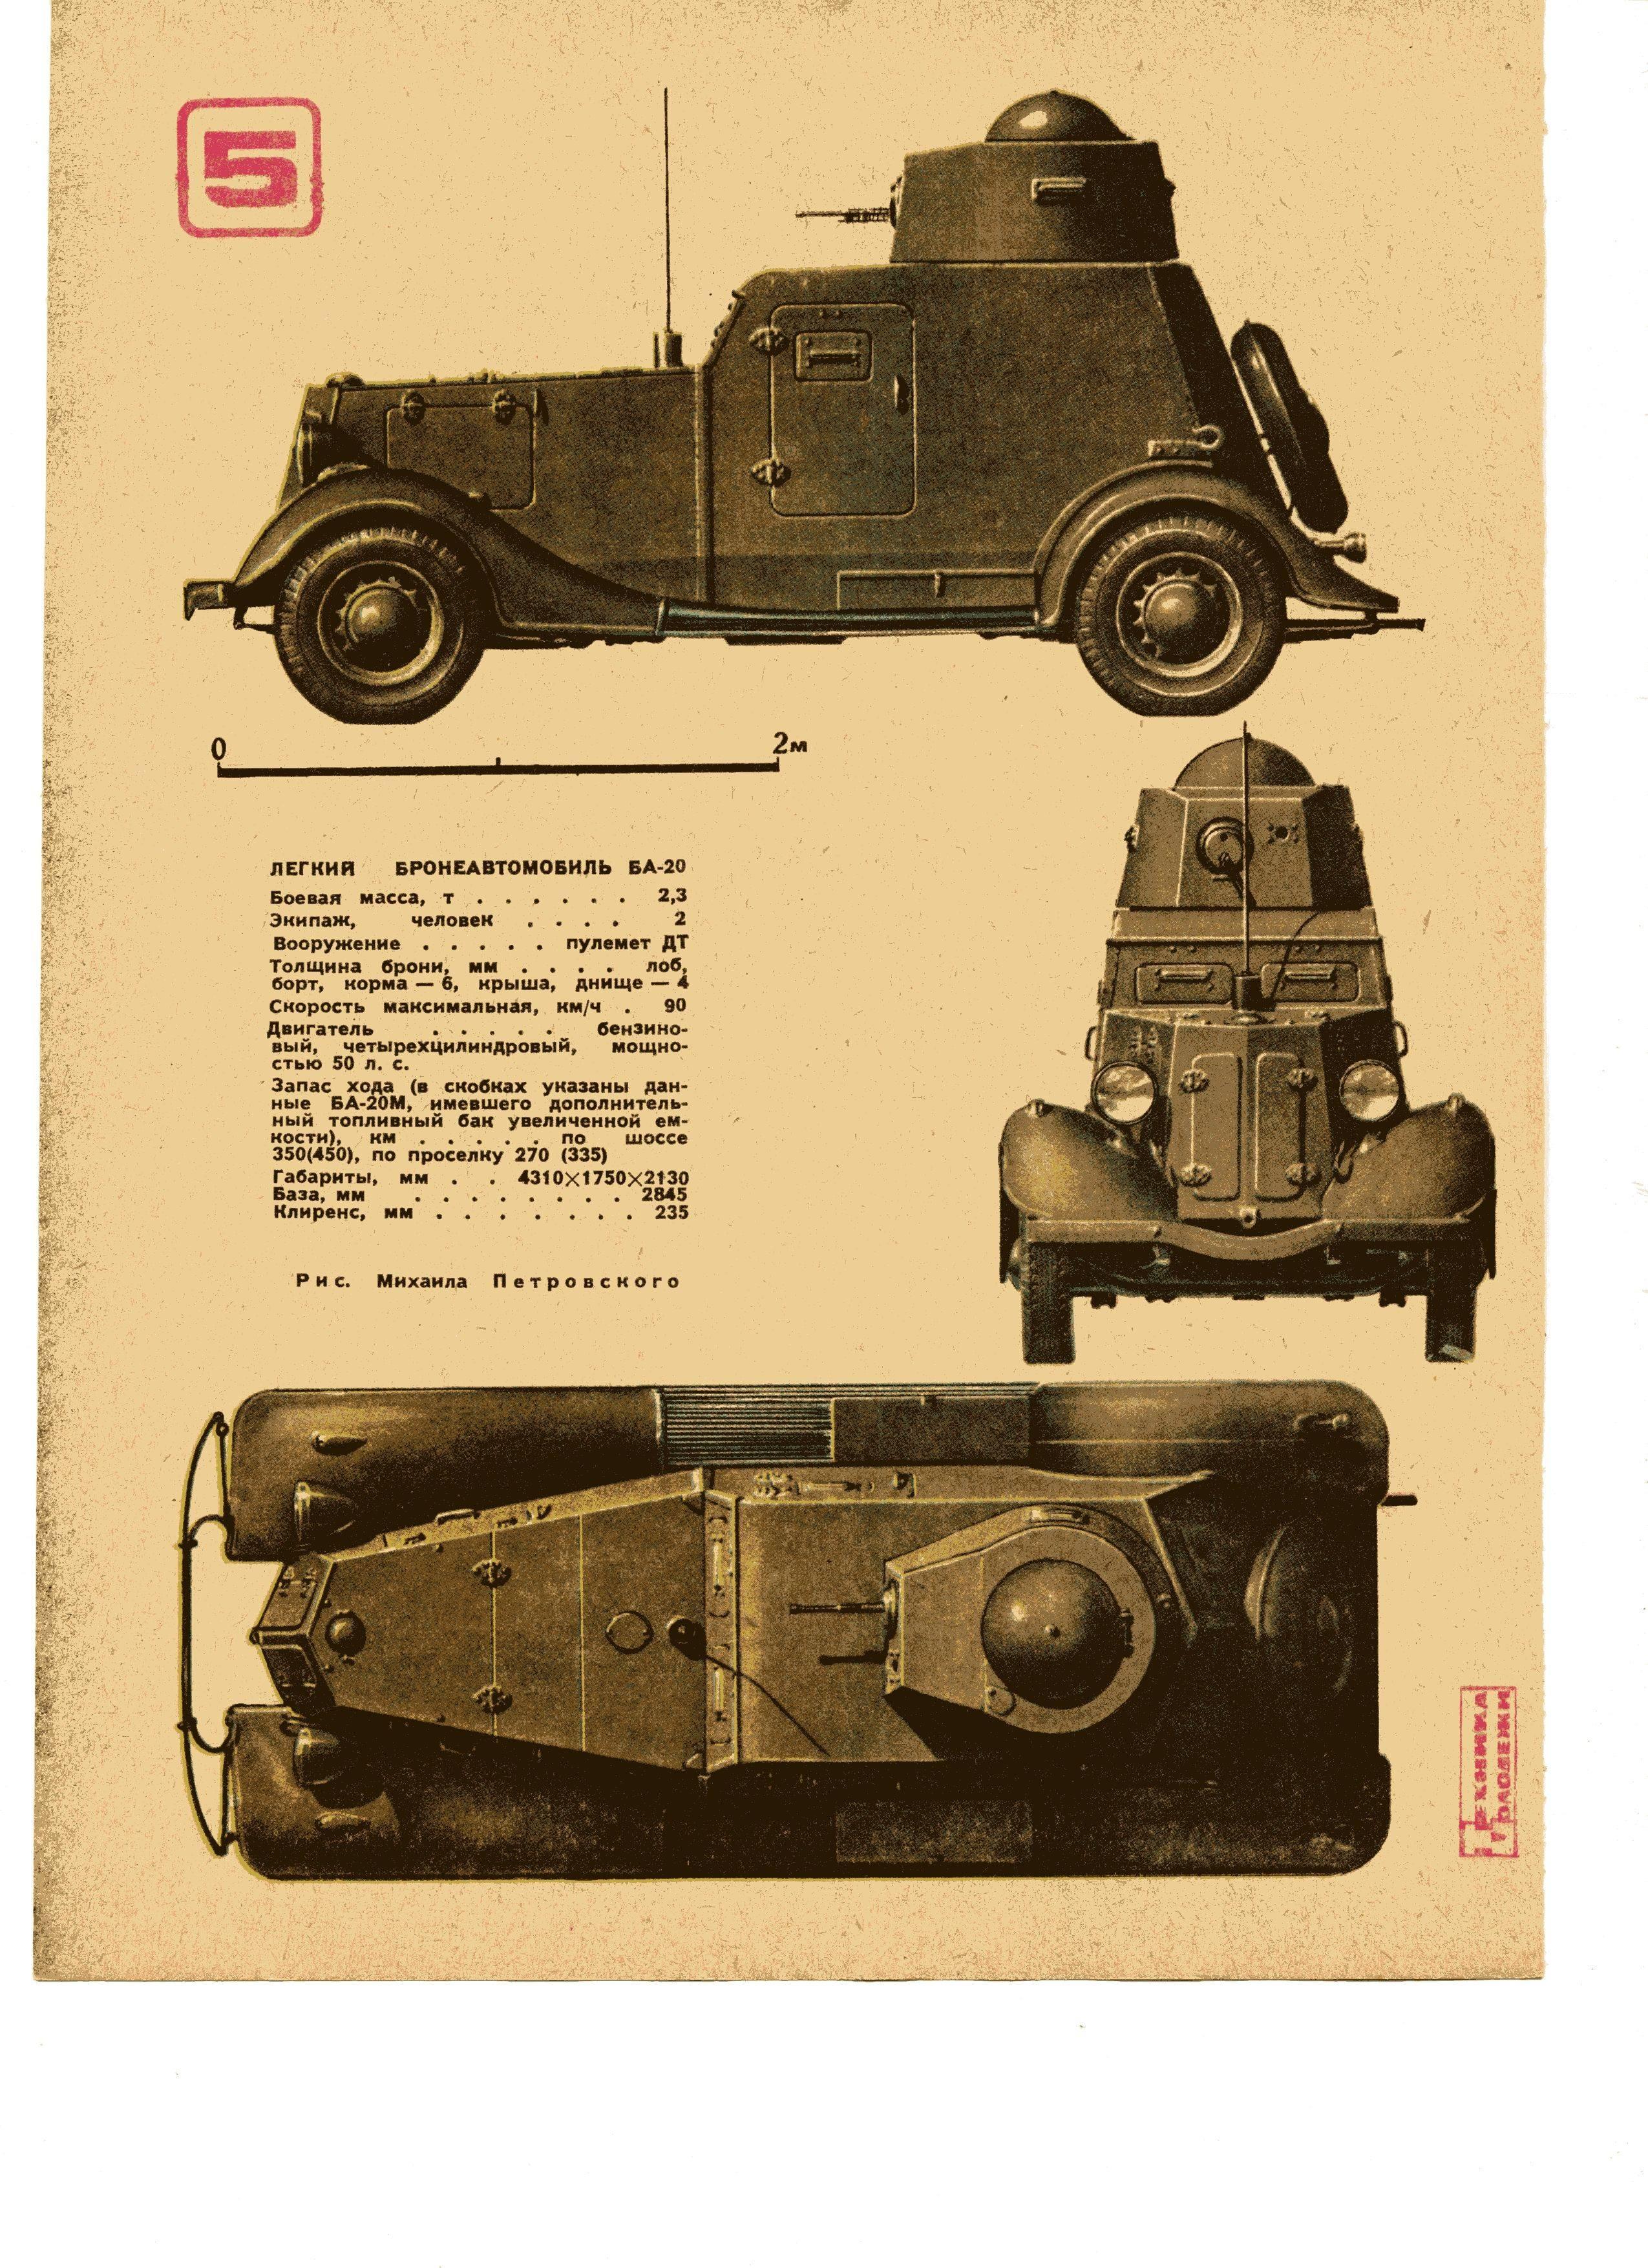 Бронеавтомобиль ба-20 двигатель, вес, размеры, вооружение